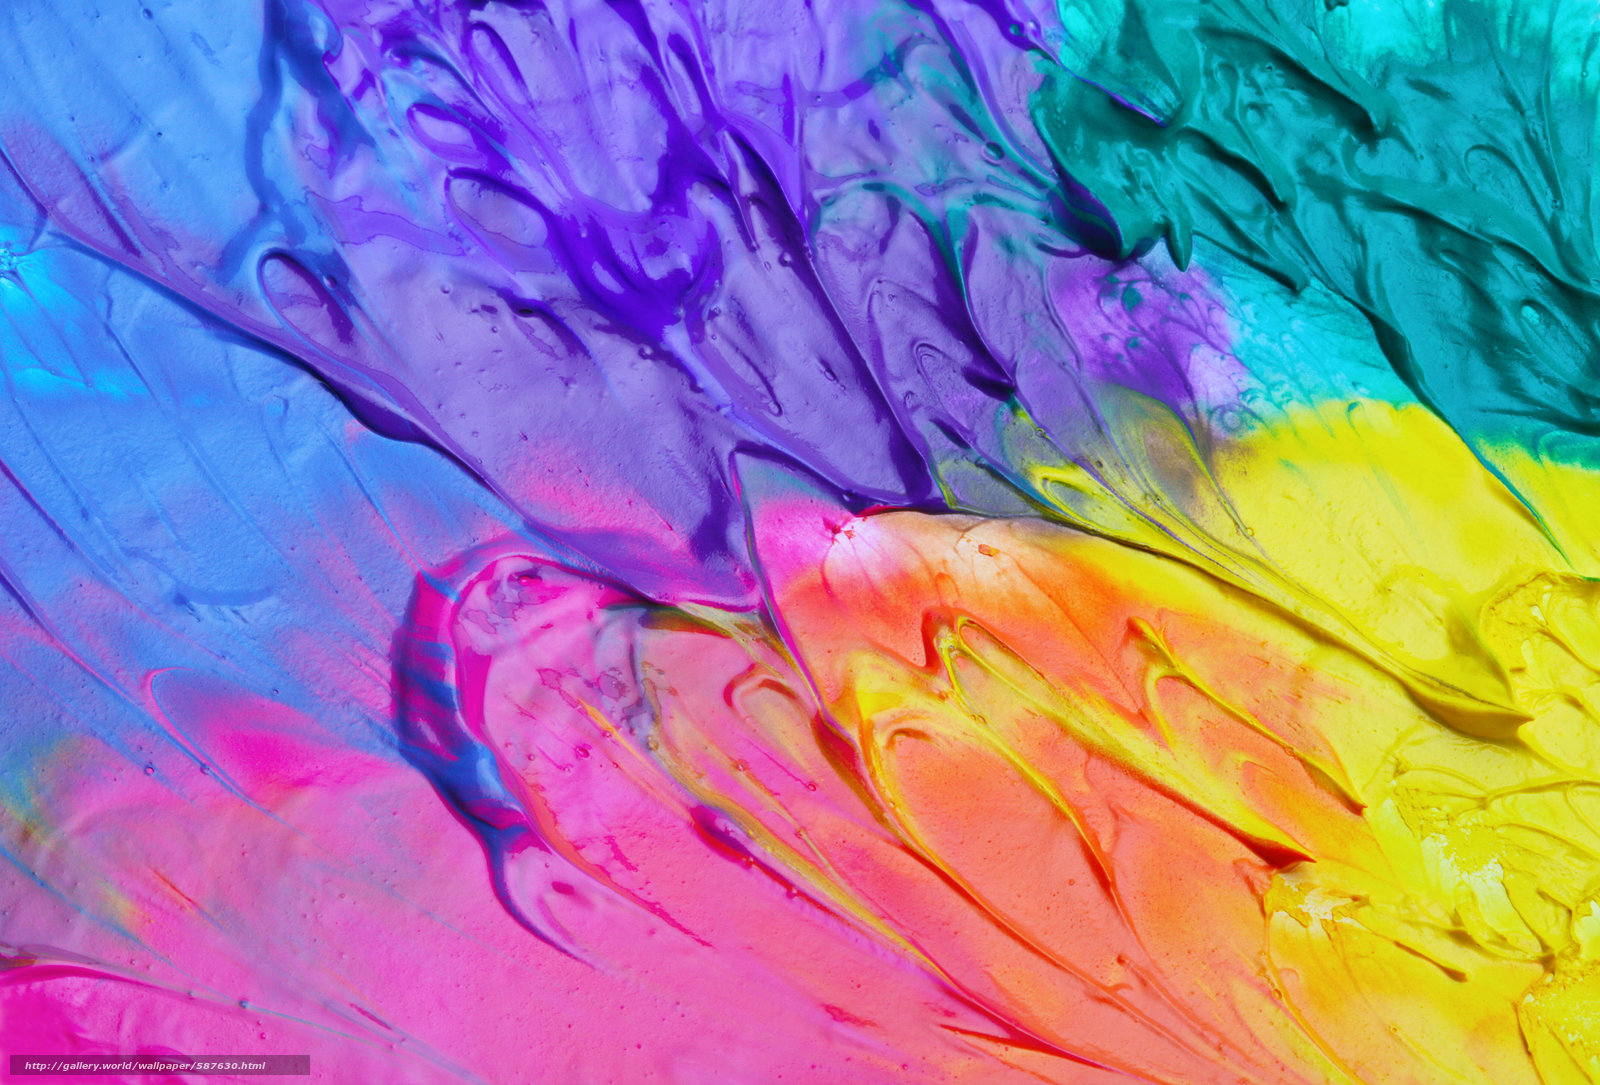 Tlcharger Fond d'ecran peintures, Multicolore, taches, couleur Fonds d'ecran gratuits pour votre ...